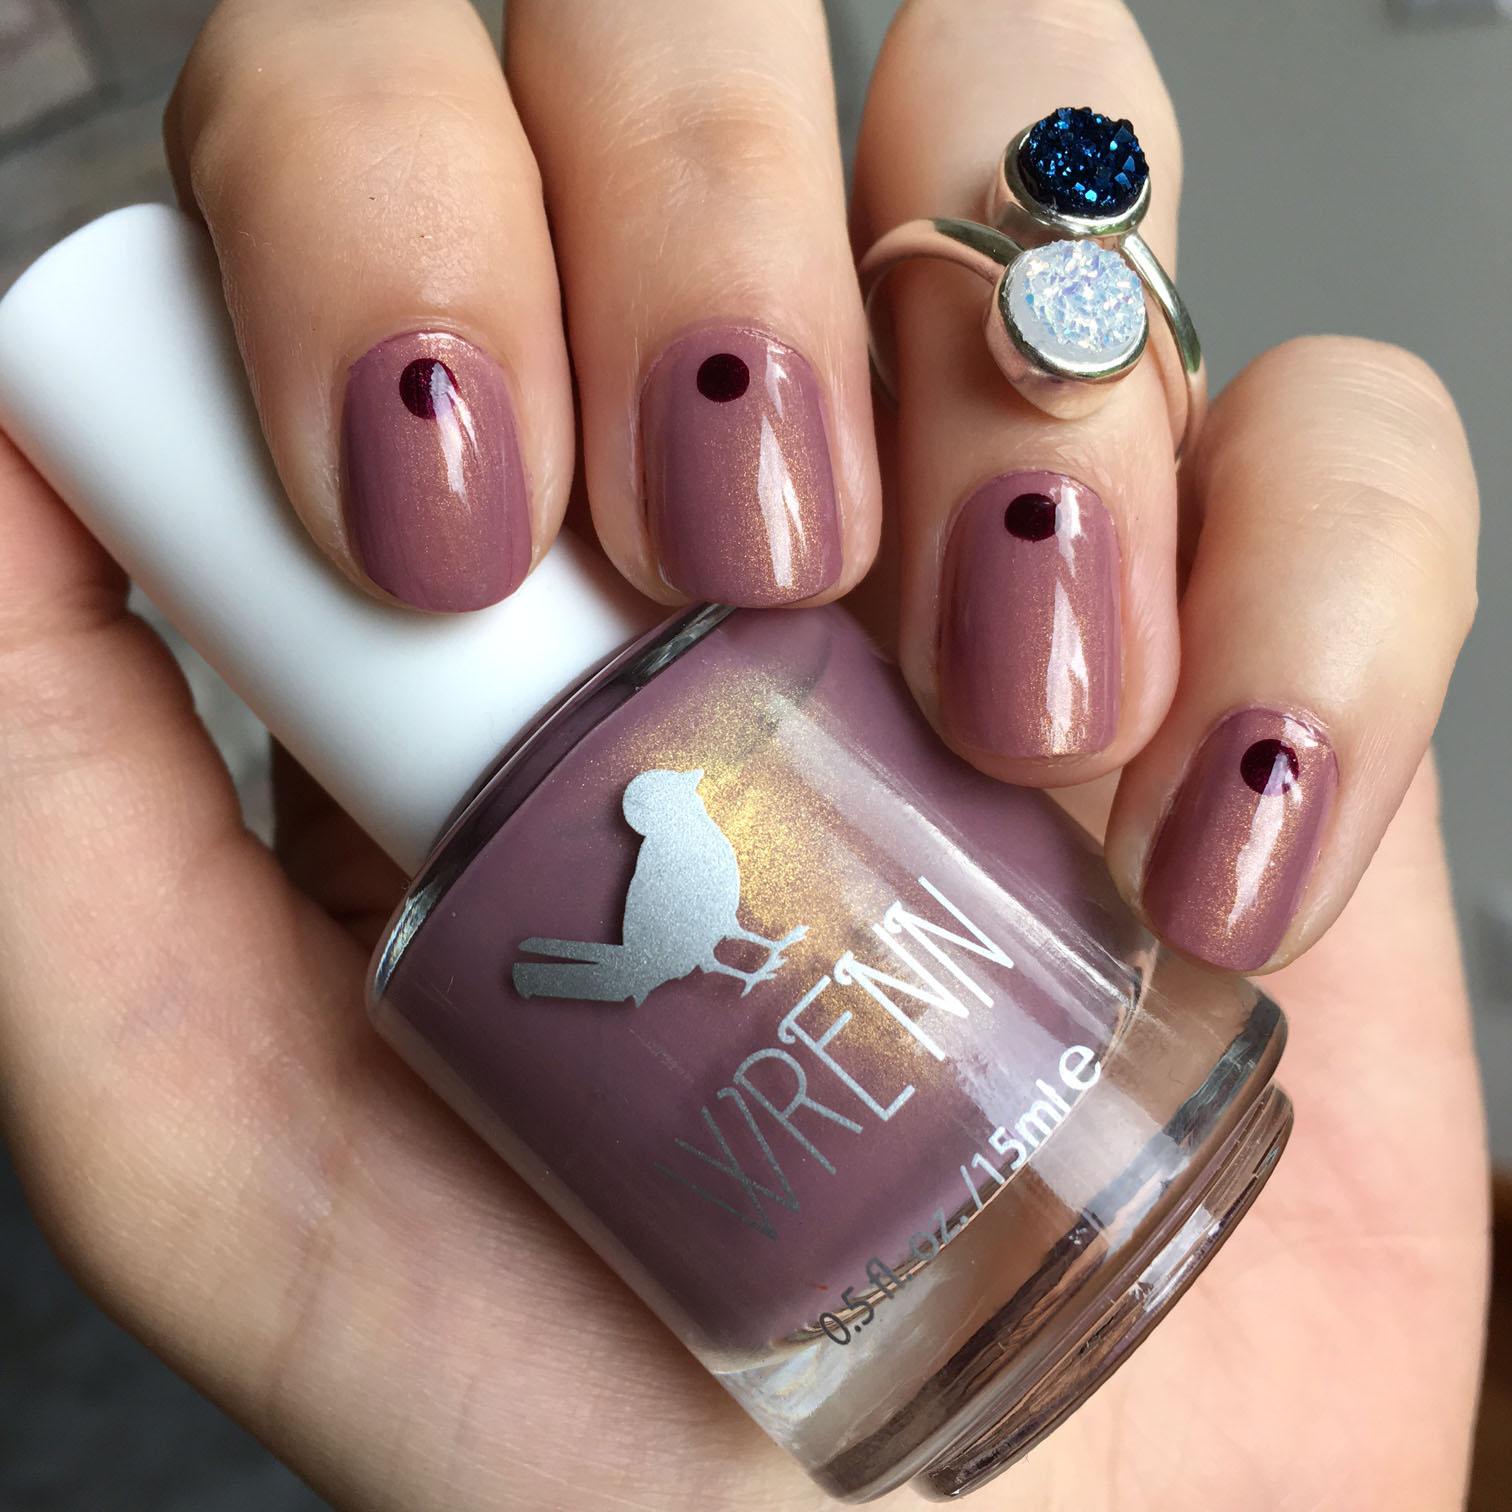 Wrenn nail polish